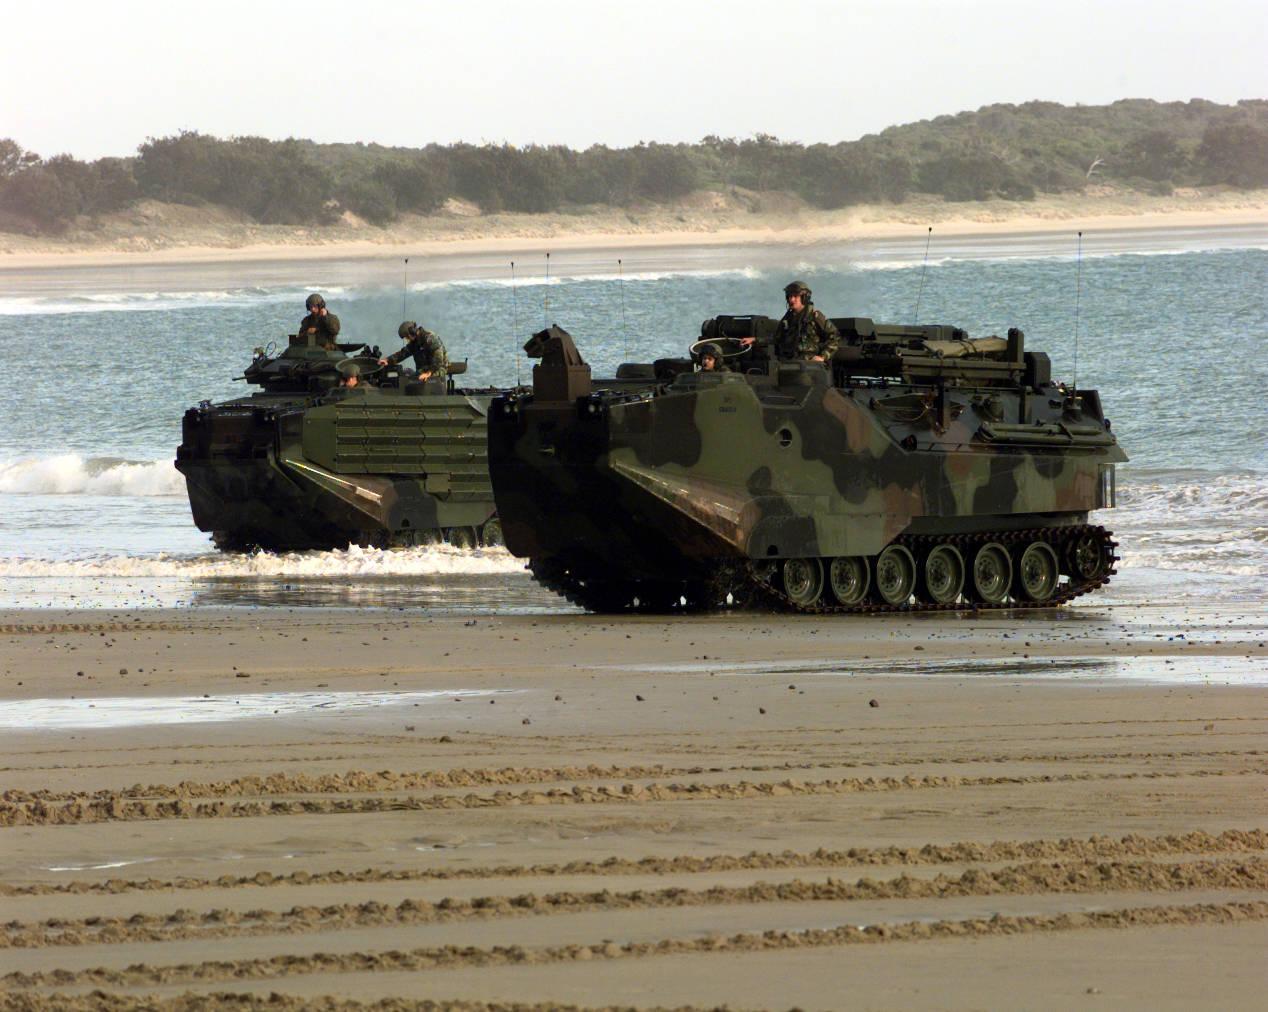 美军连遭横祸!海军陆战队两栖突击车突然沉没,9名大兵葬身大海